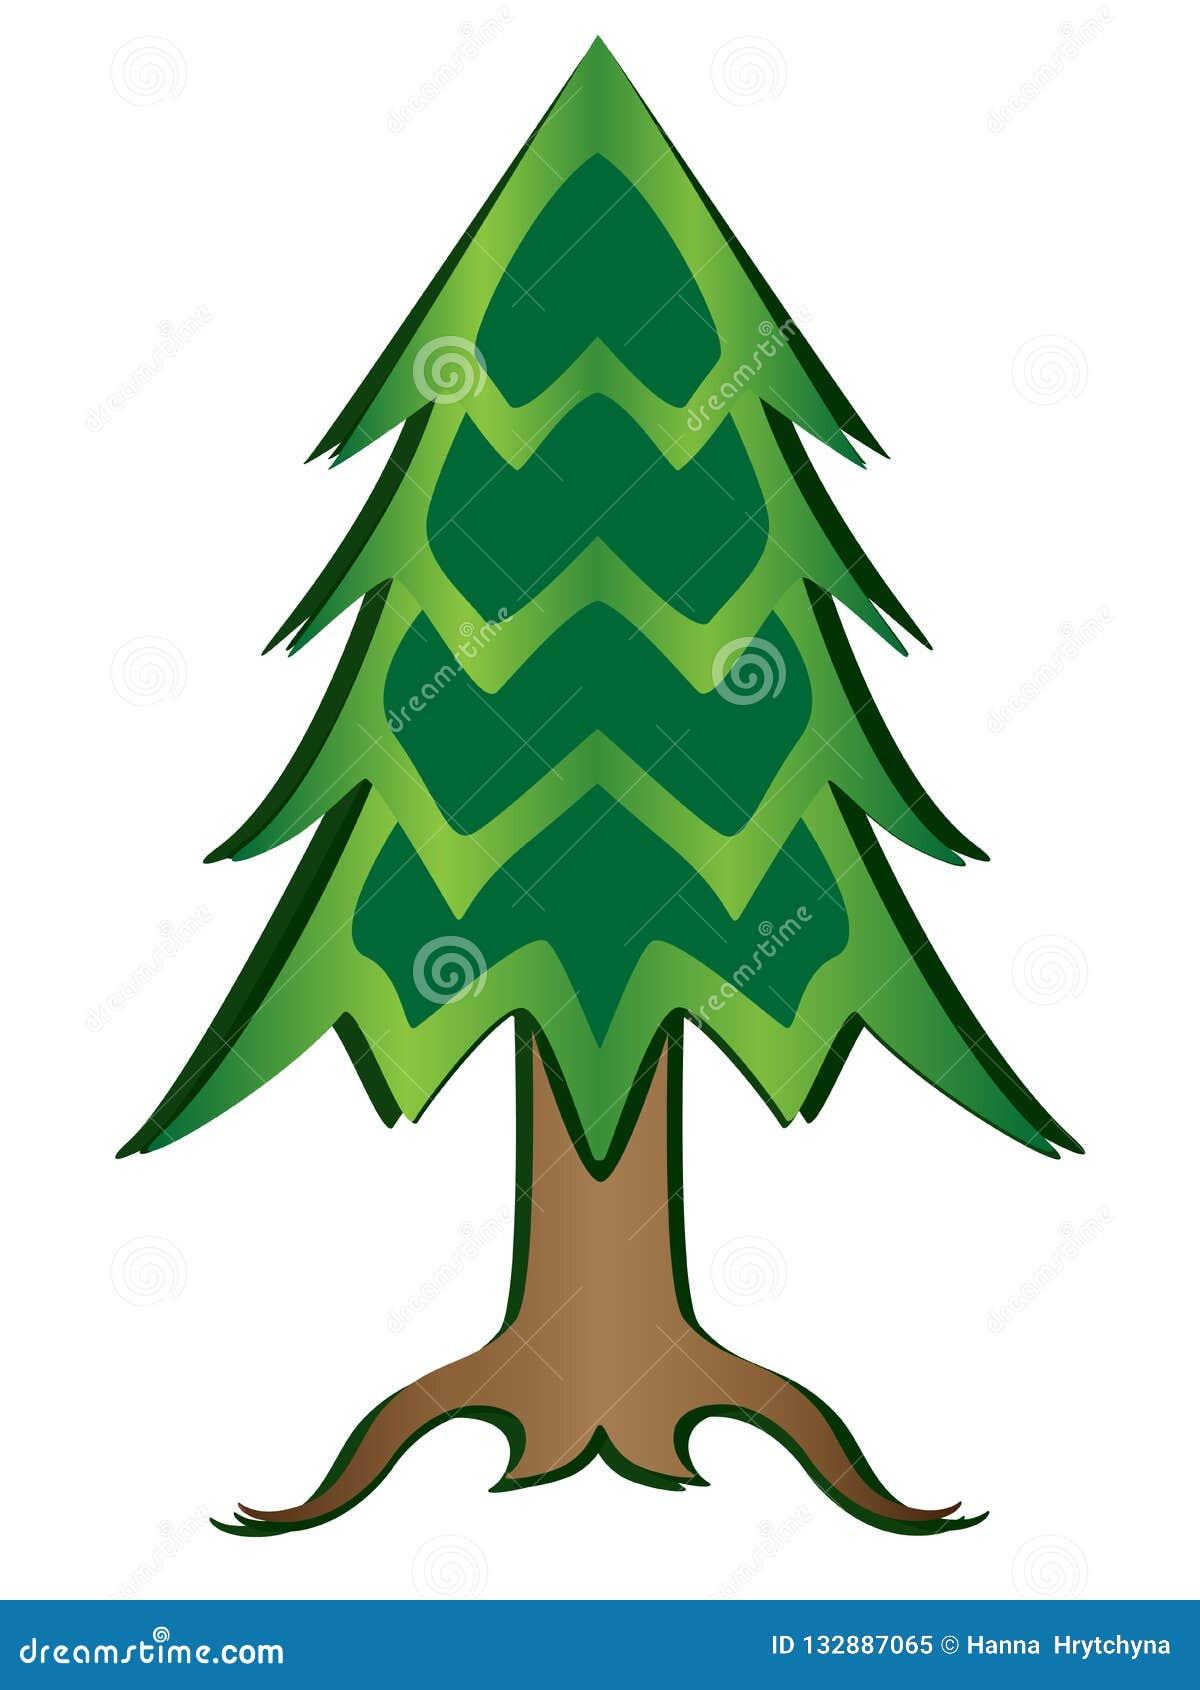 Πλήρης εικόνα χρώματος χριστουγεννιάτικων δέντρων Διανυσματική απεικόνιση δέντρων κωνοφόρων περικοπών εγγράφου με την κλίση